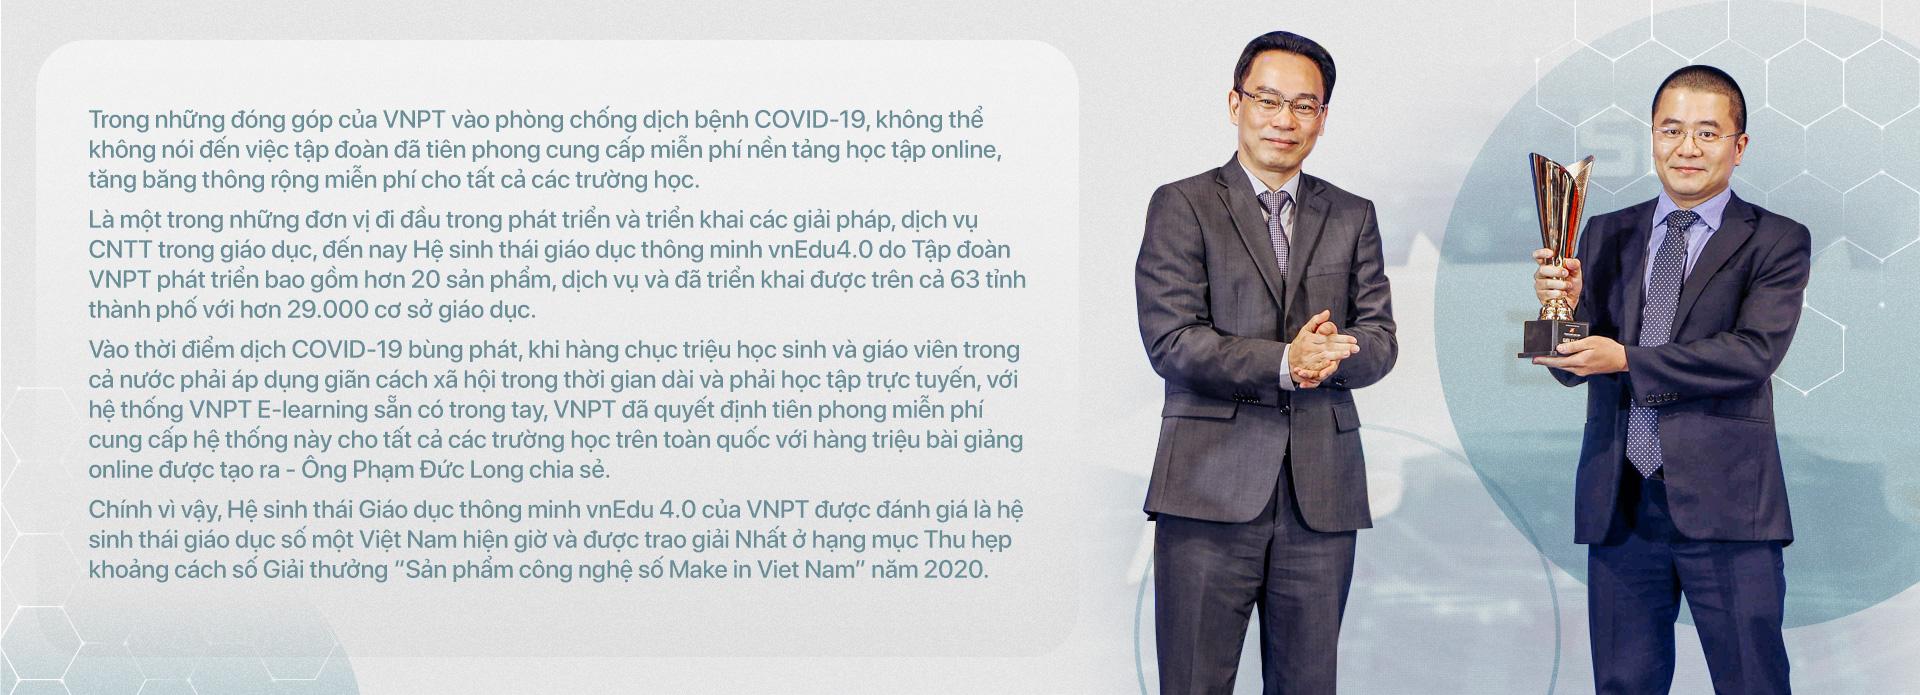 HƯỚNG TỚI VIỆT NAM SỐ: Tiên phong dẫn dắt chuyển đổi số quốc gia - Ảnh 10.